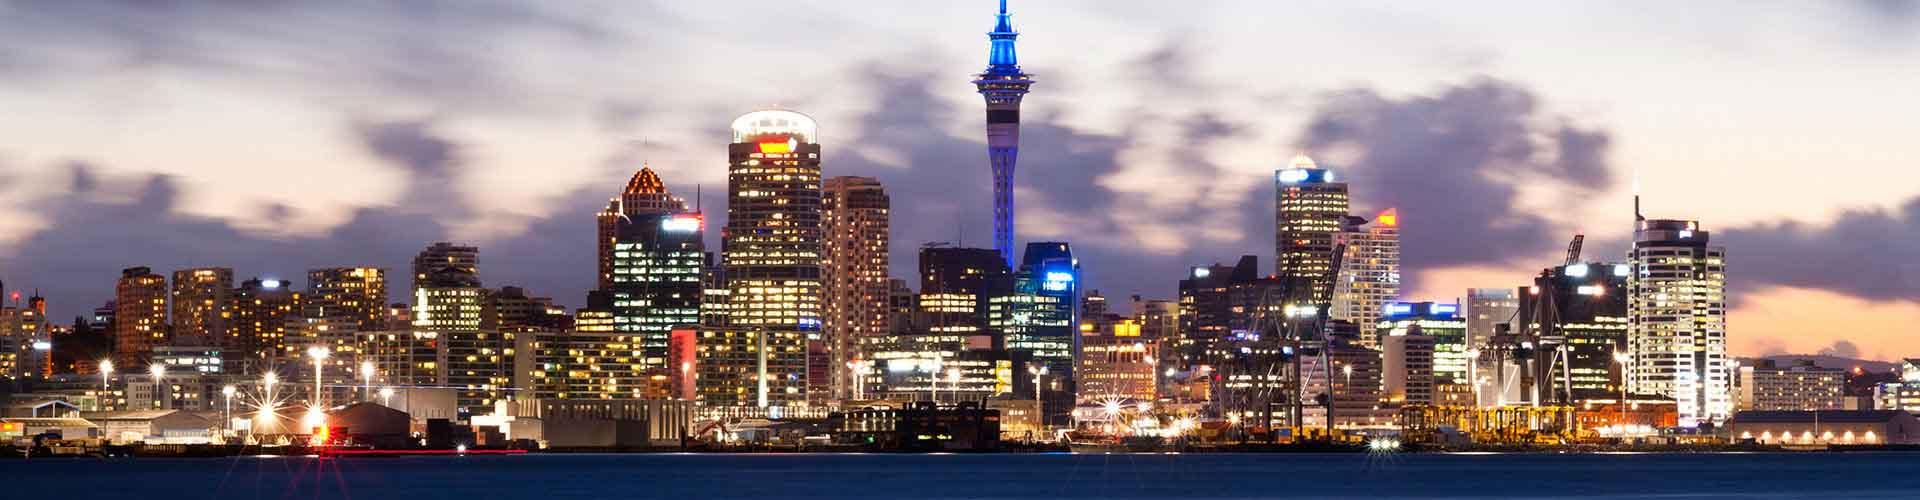 Auckland - Ifjúsági Szállások Aucklandben. Auckland térképek, fotók és ajánlások minden egyes ifjúsági szállásokra Auckland-ben.